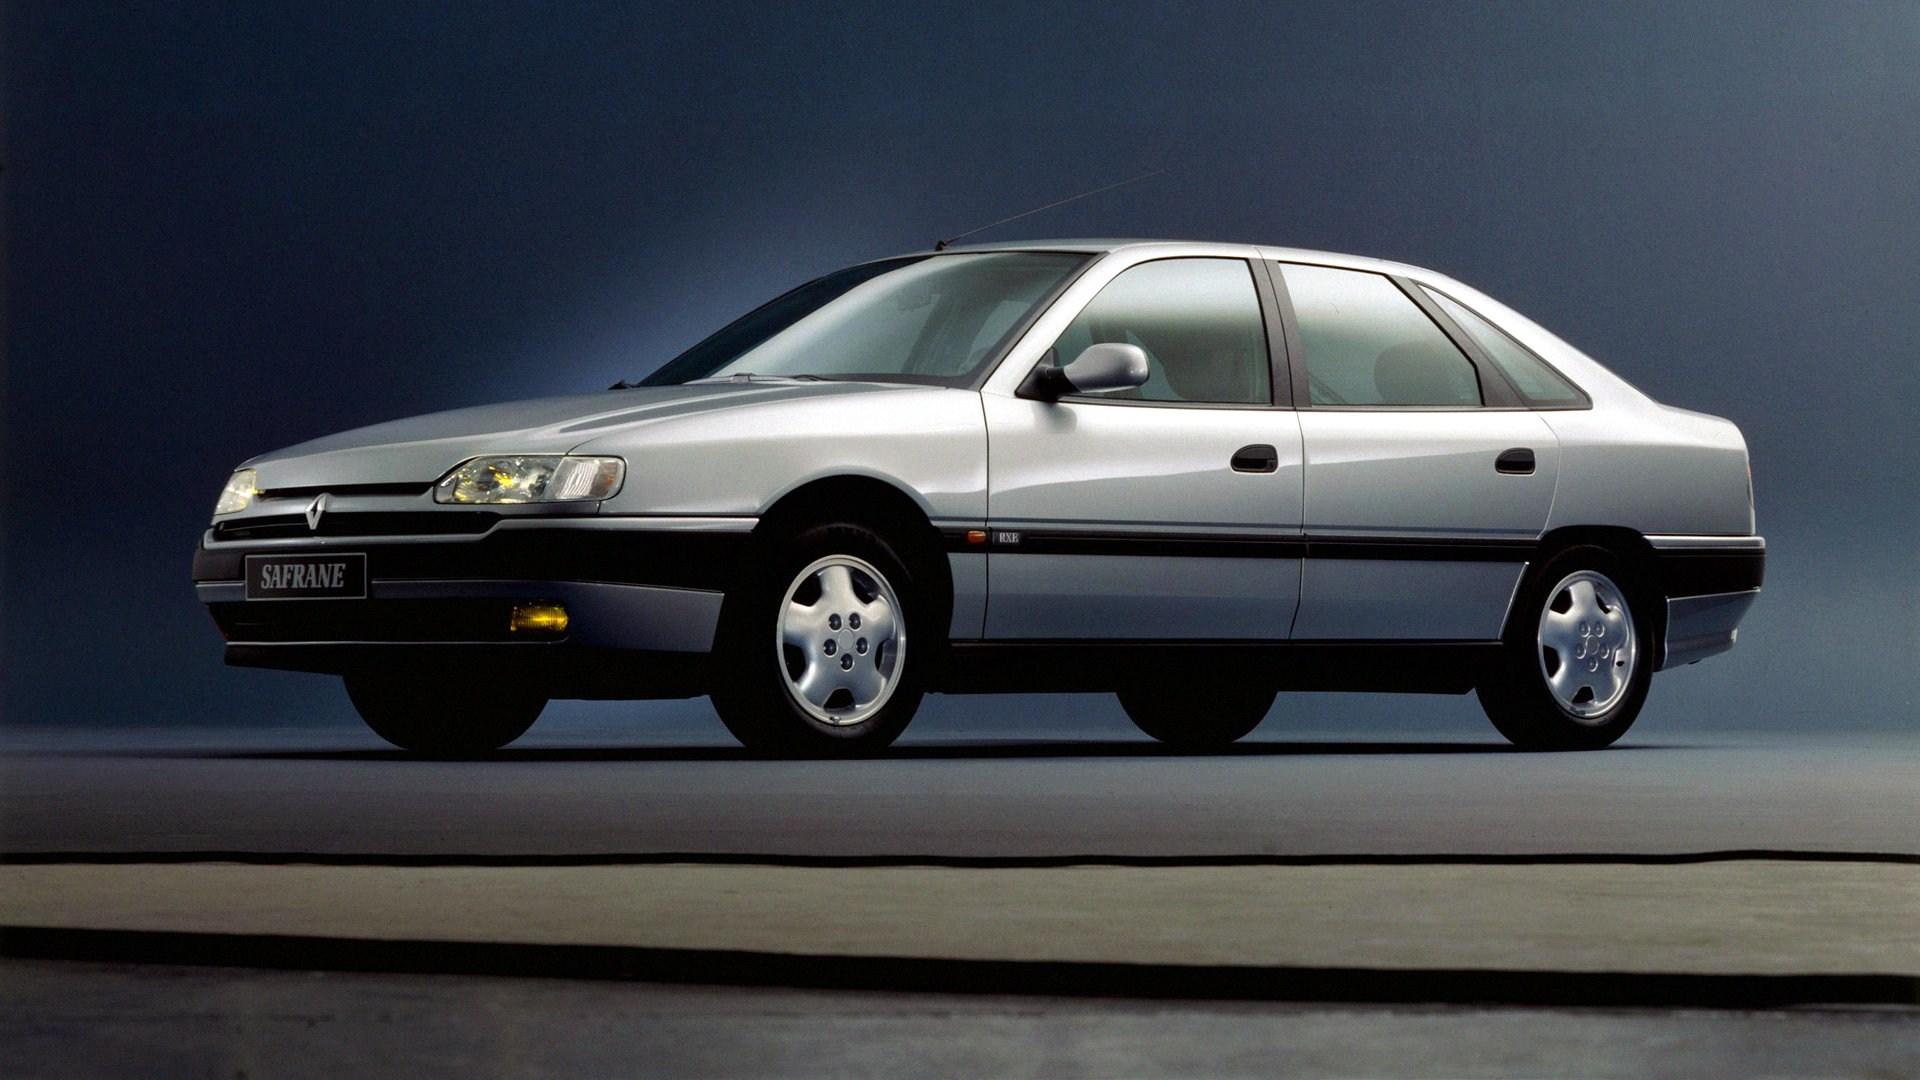 Coche del día: Renault Safrane V6 RXE